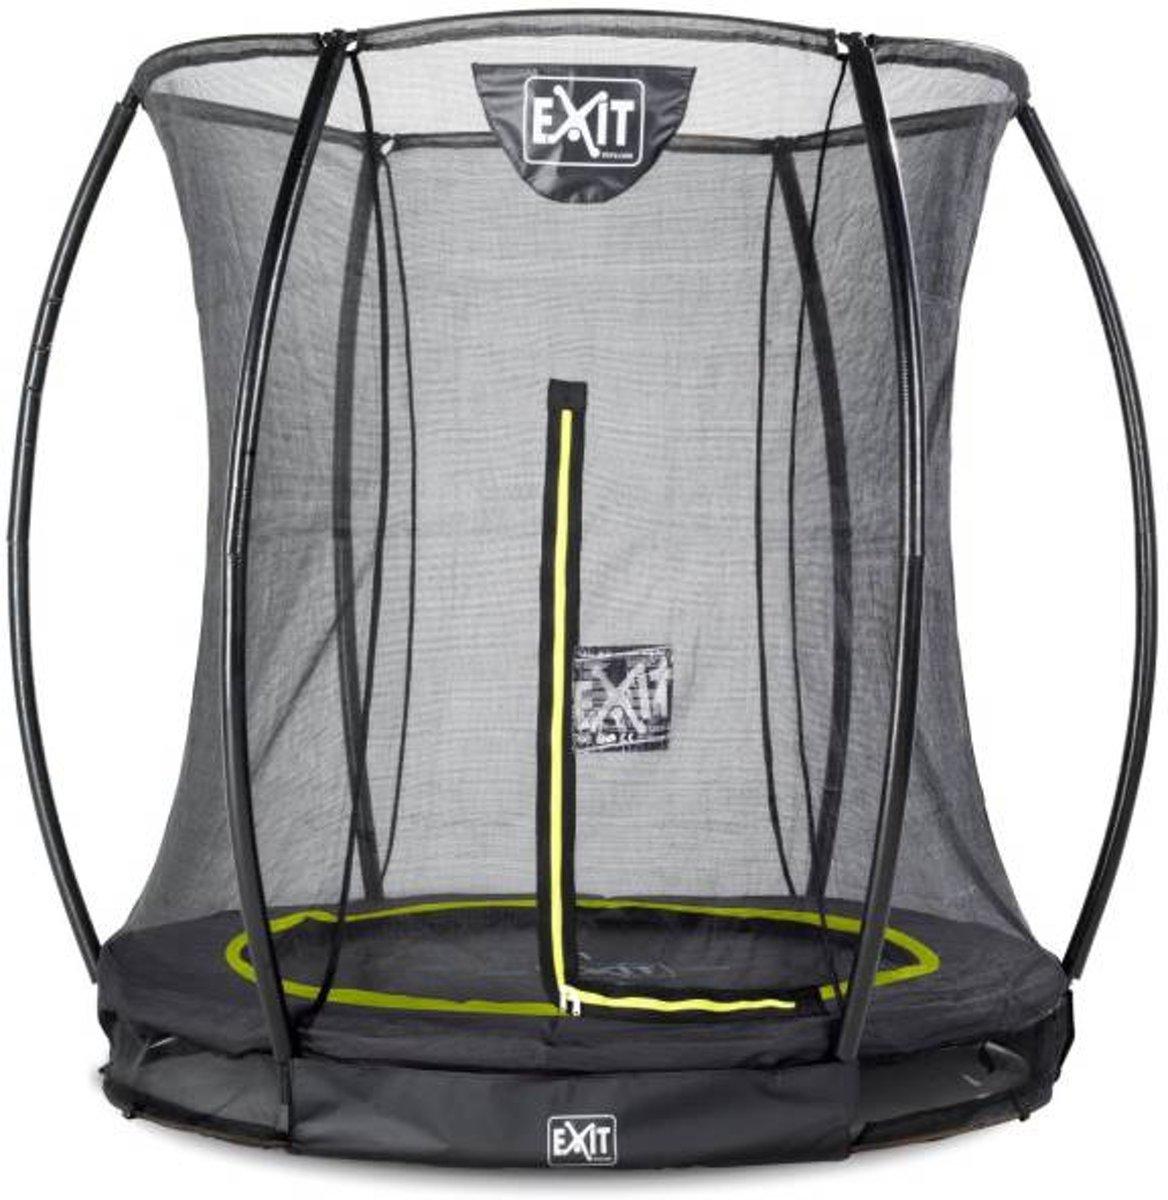 EXIT Silhouette verlaagde trampoline met veiligheidsnet rond - 183 cm - zwart